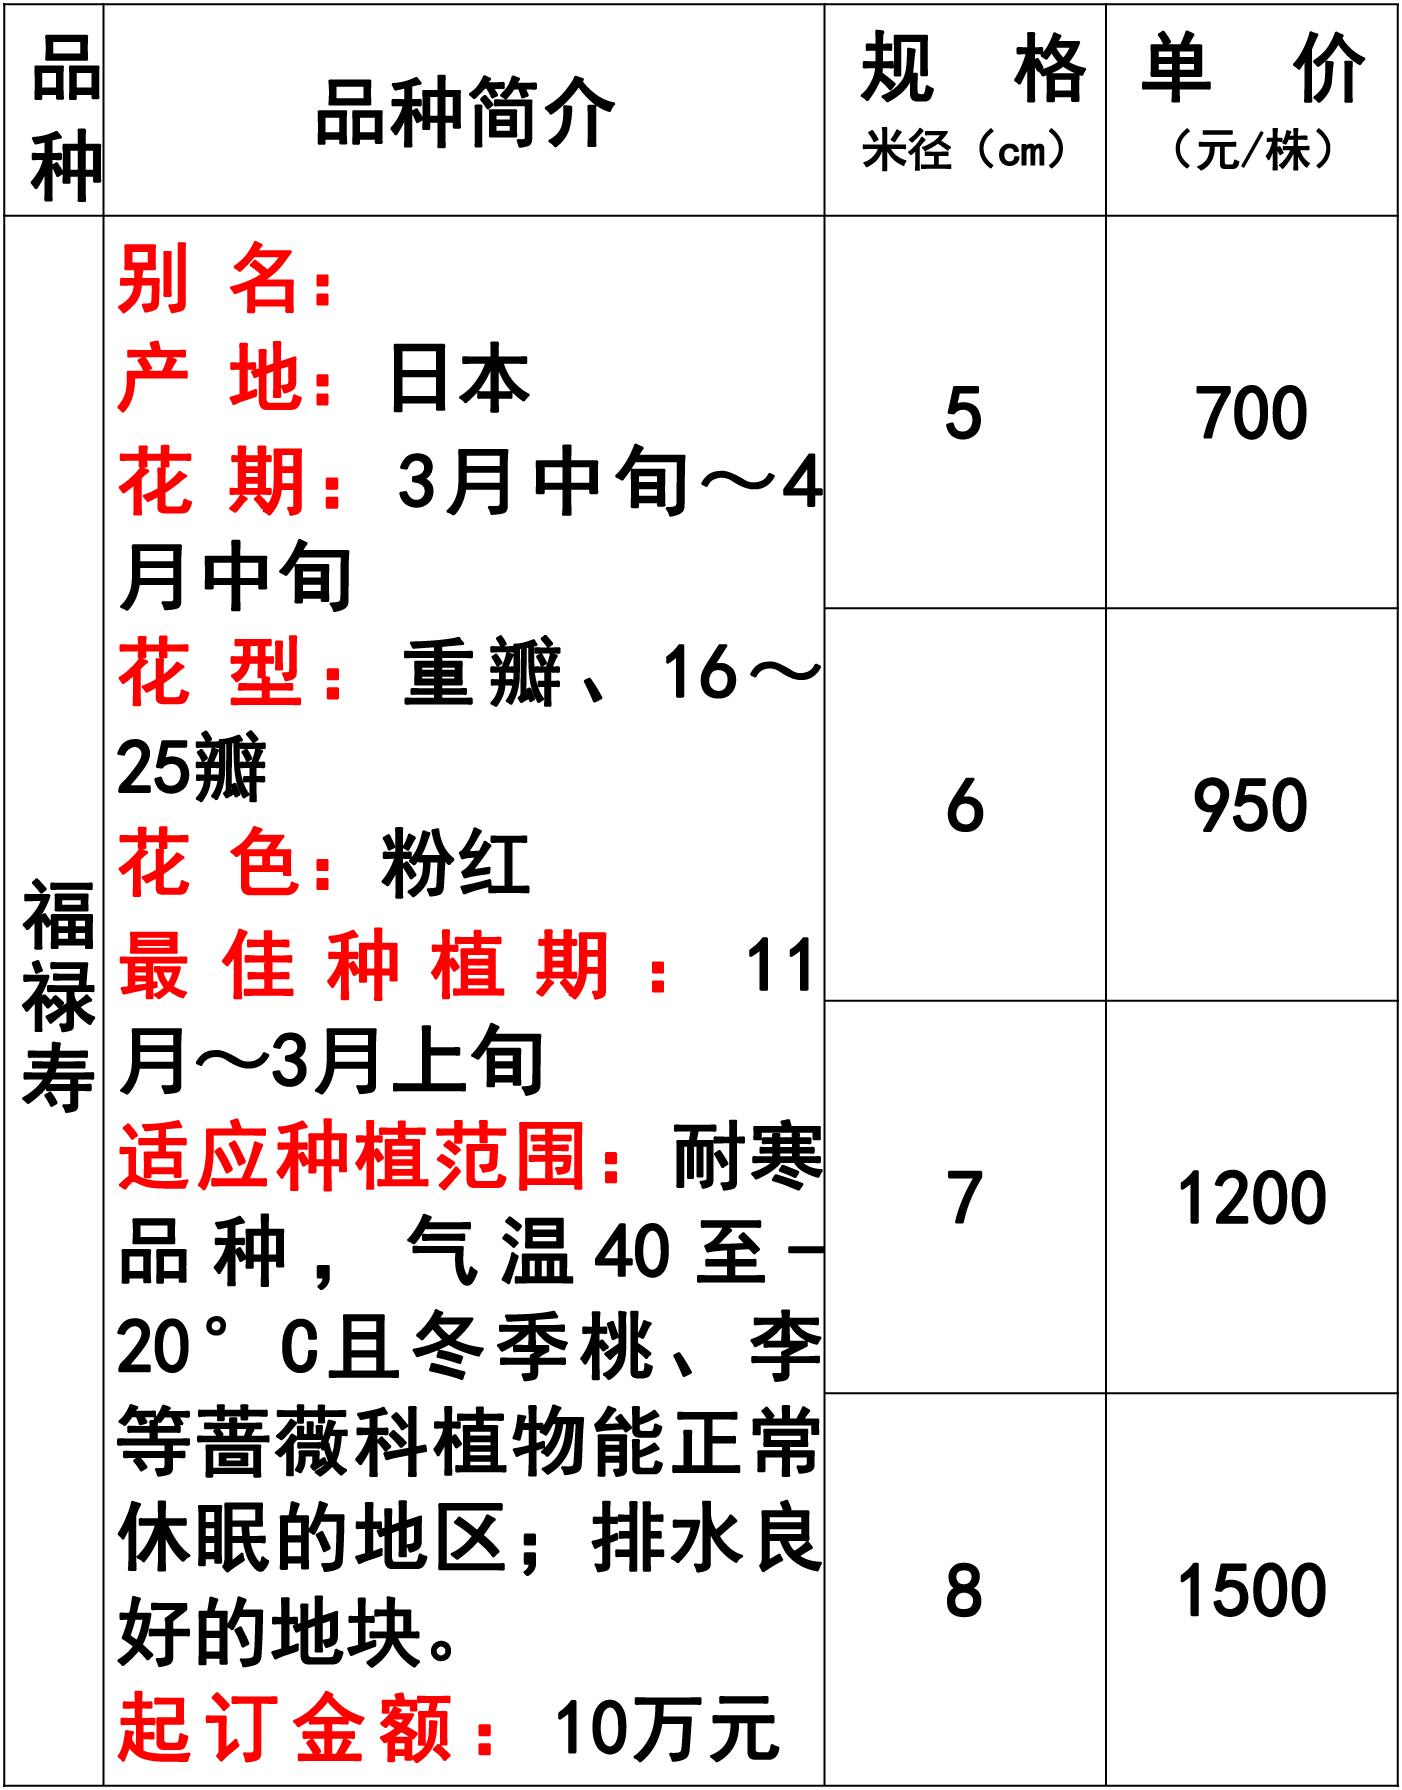 网站价格表-46 副本.jpg